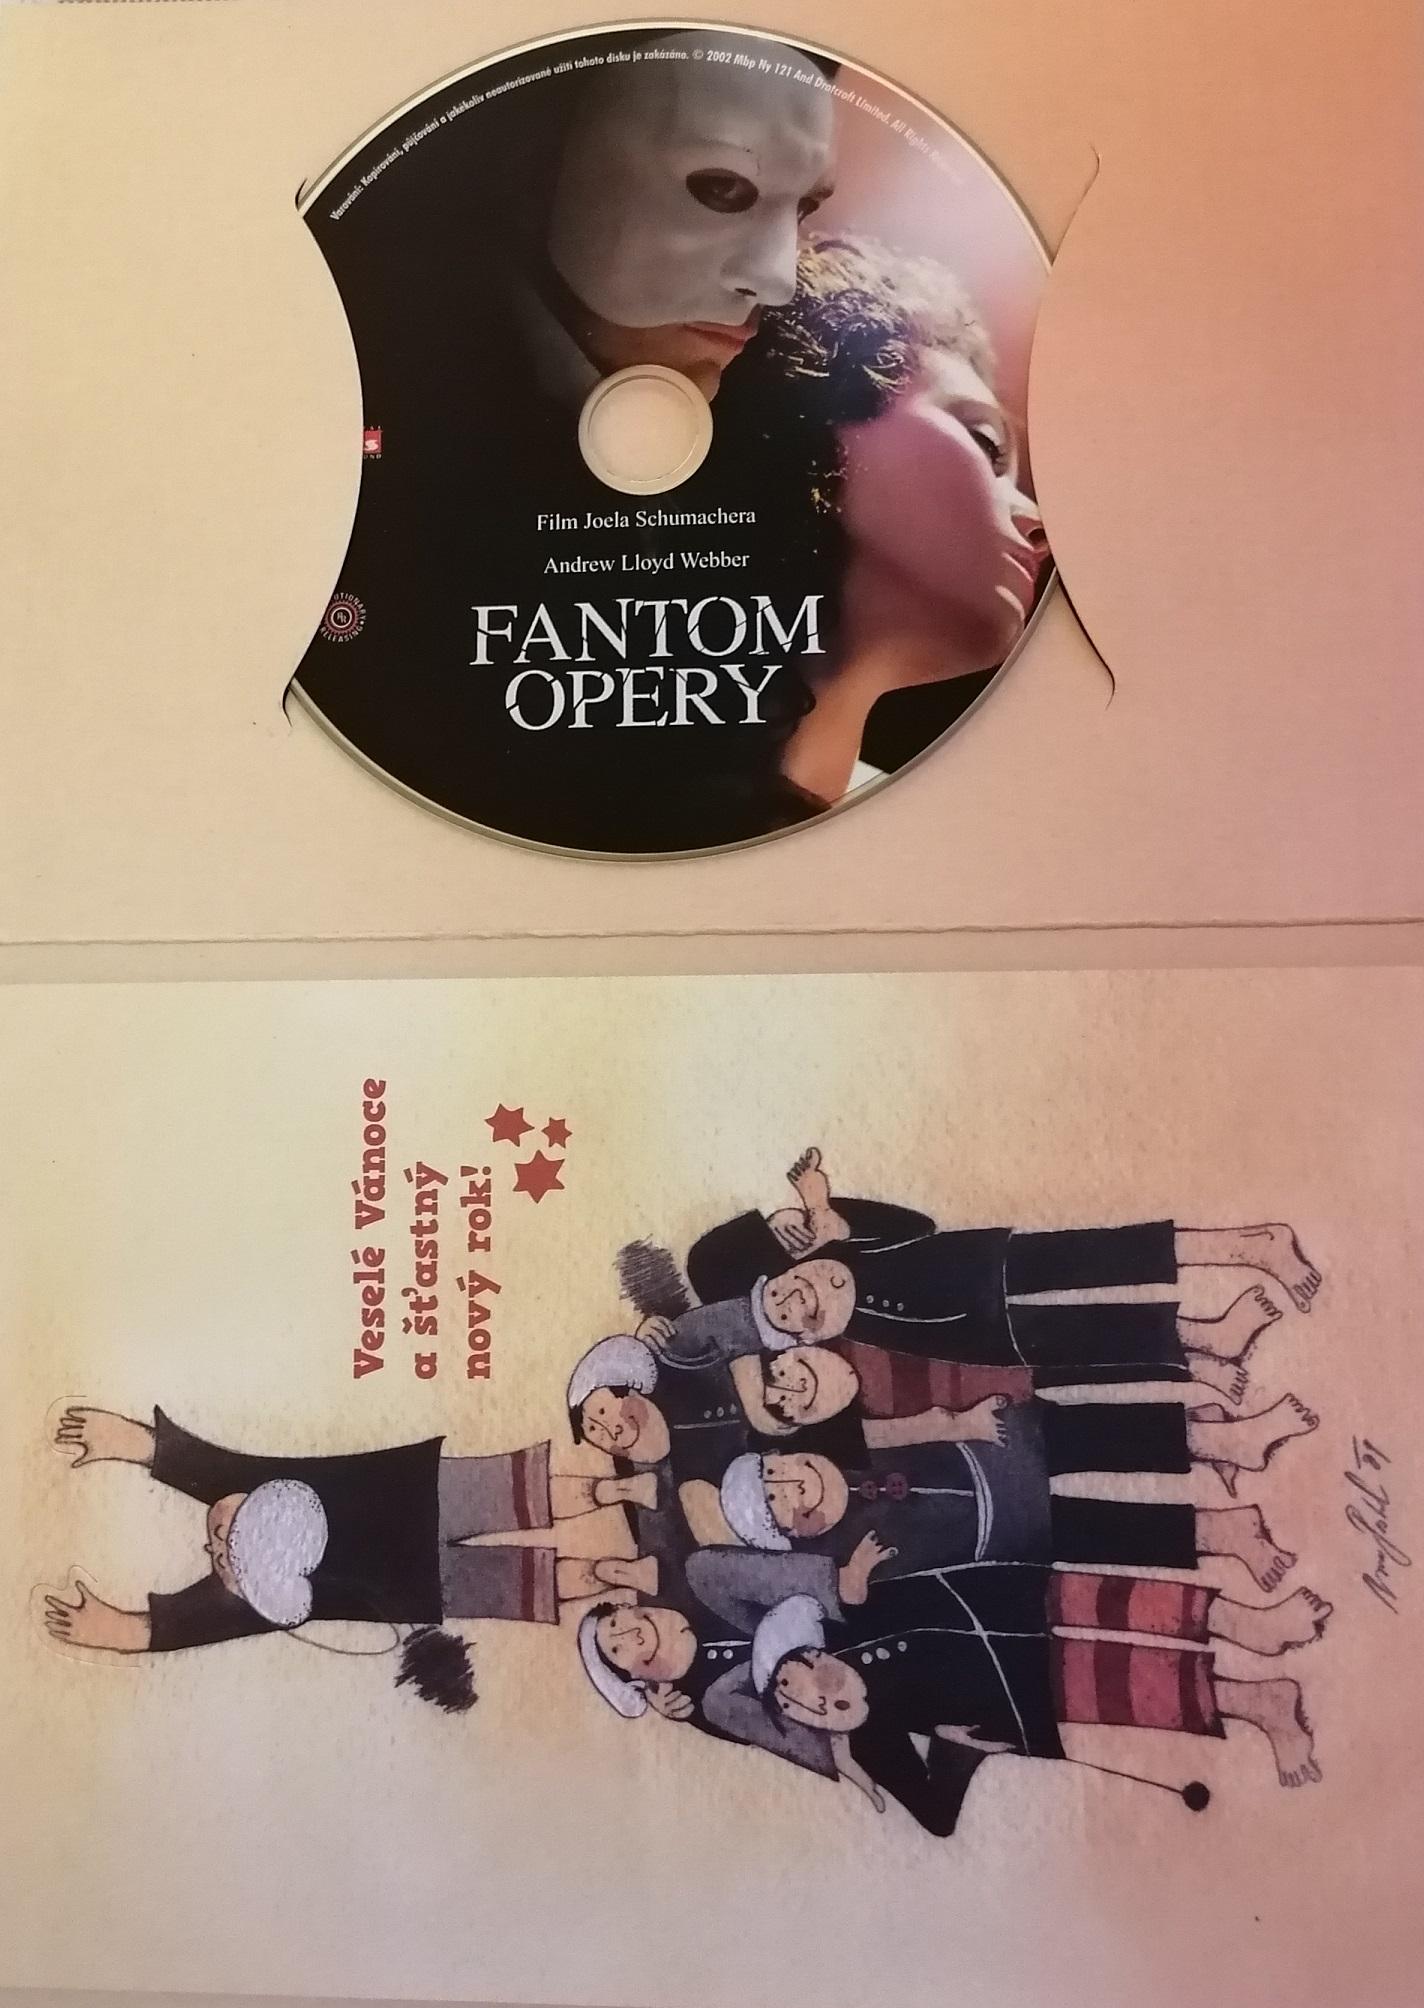 Fantom opery - DVD - dárková obálka